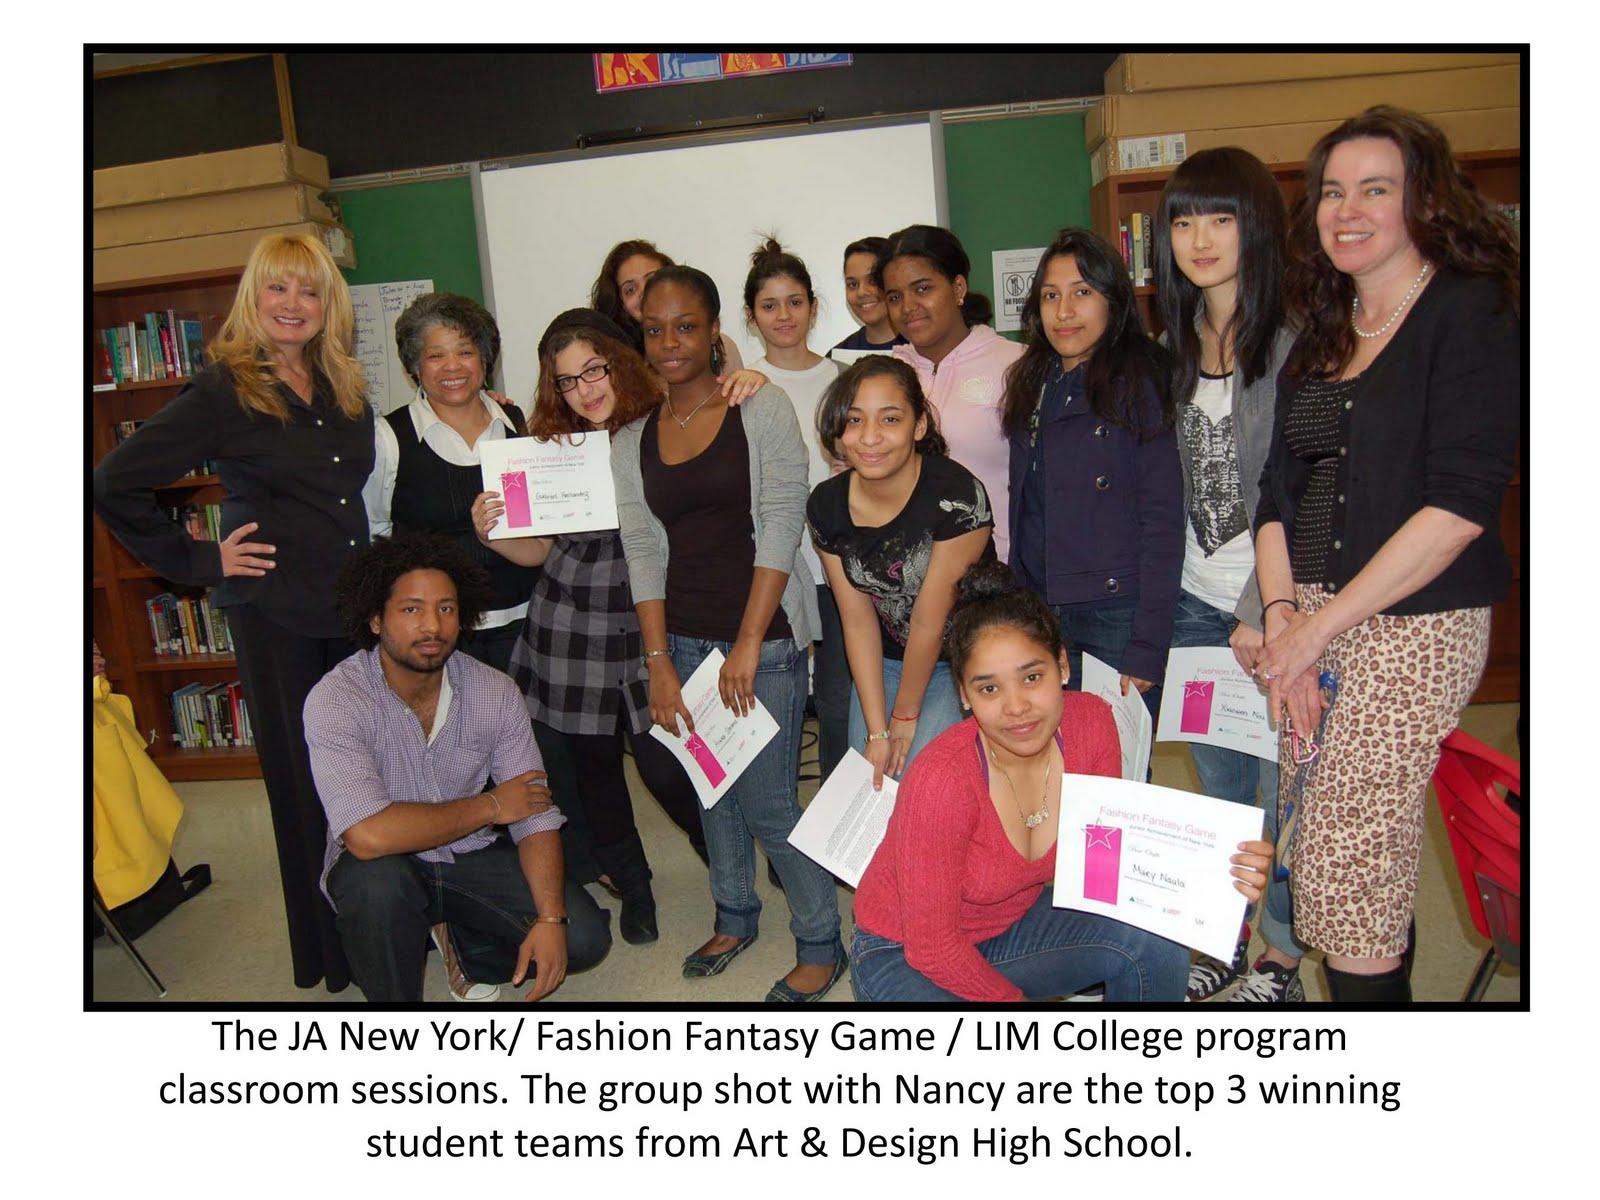 Stacy Igel Fashion 101 With Professor Igel